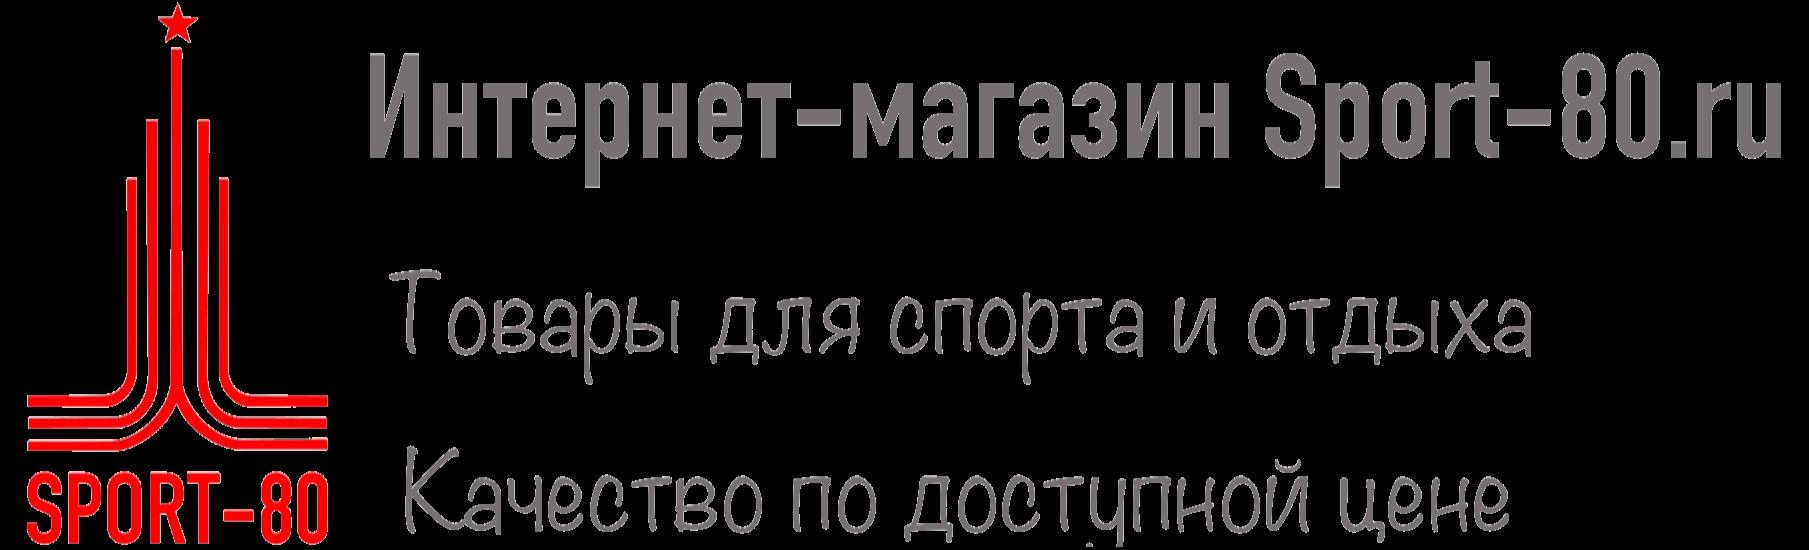 Интернет-магазин товаров для спорта и отдыха SPORT-80.ru